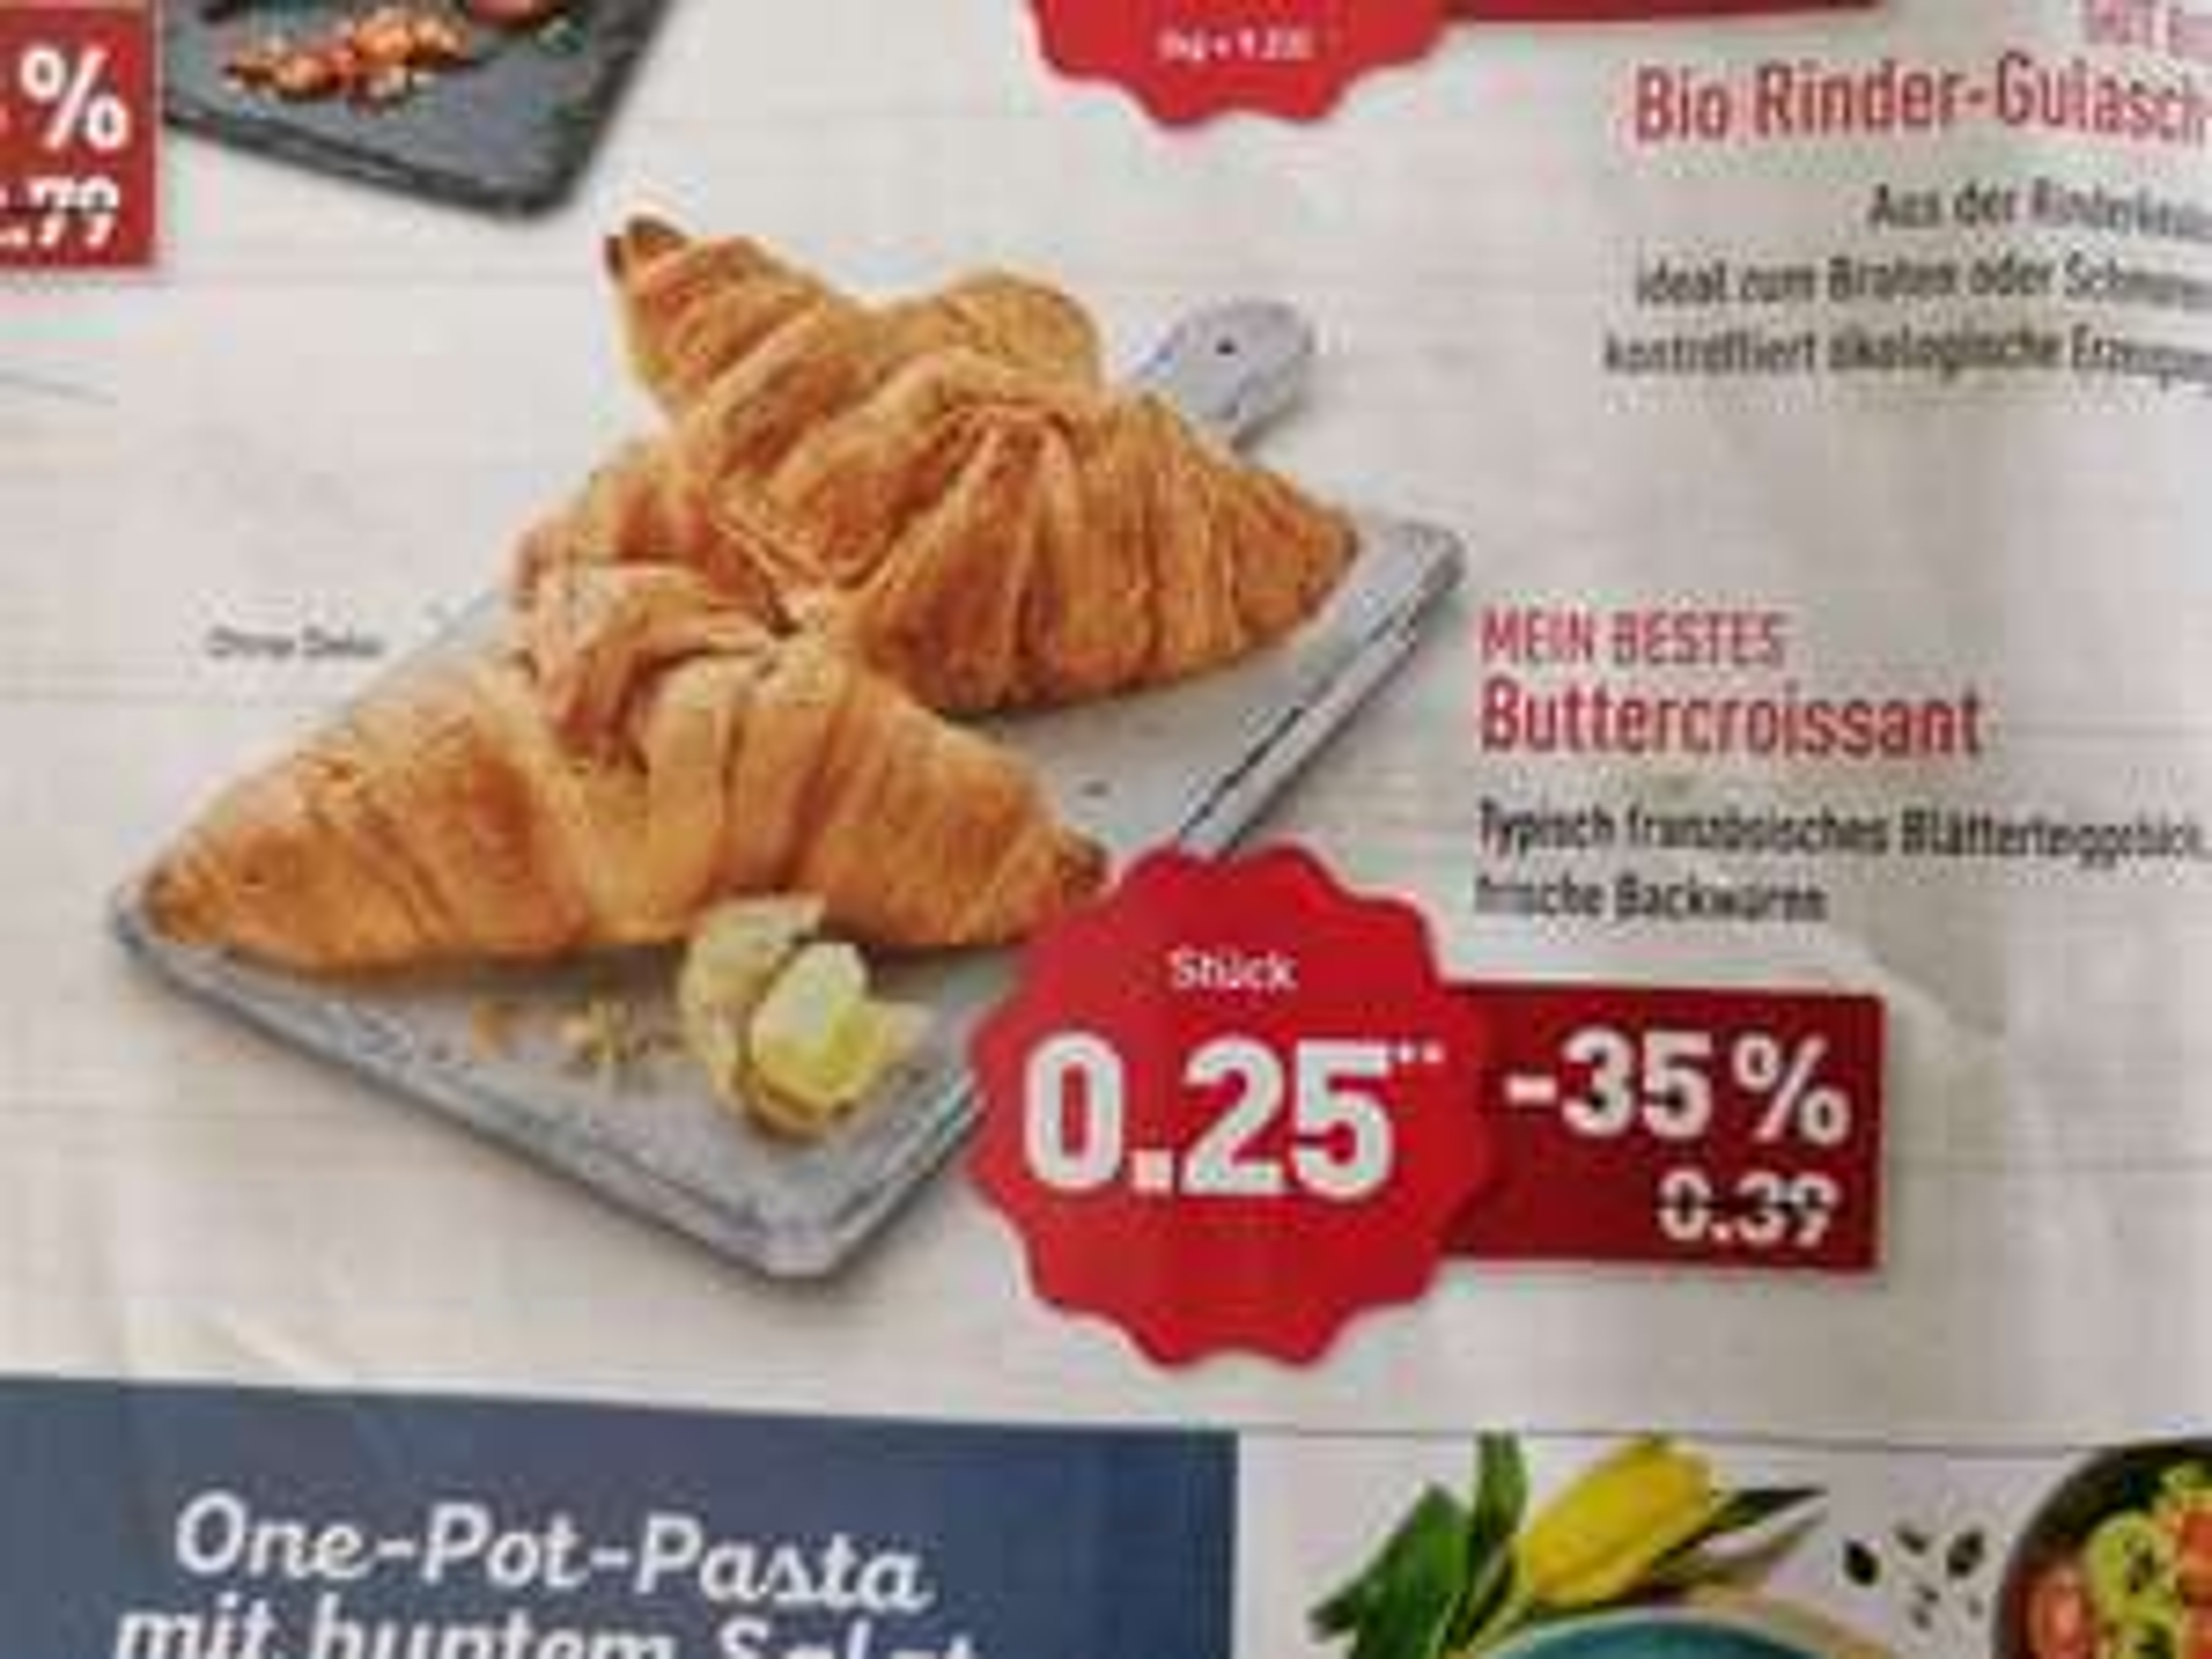 Aldi Nord, Buttercroissant